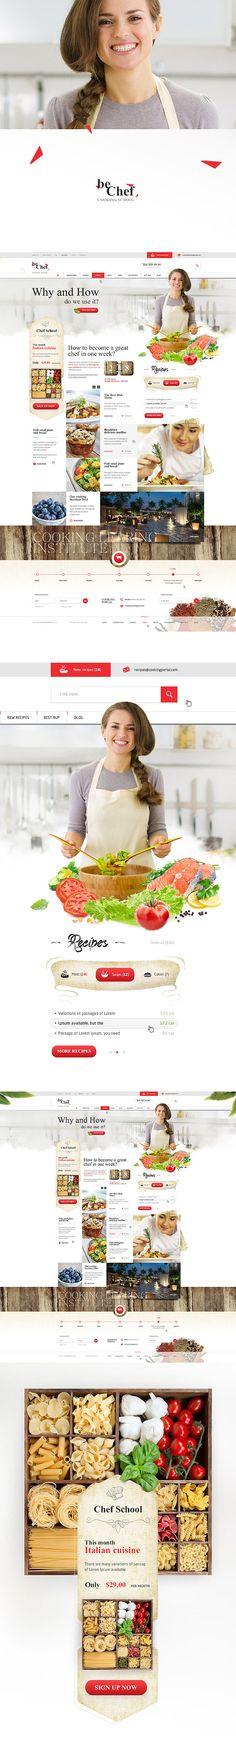 https://www.behance.net/gallery/16817115/beChef-Cooking-school